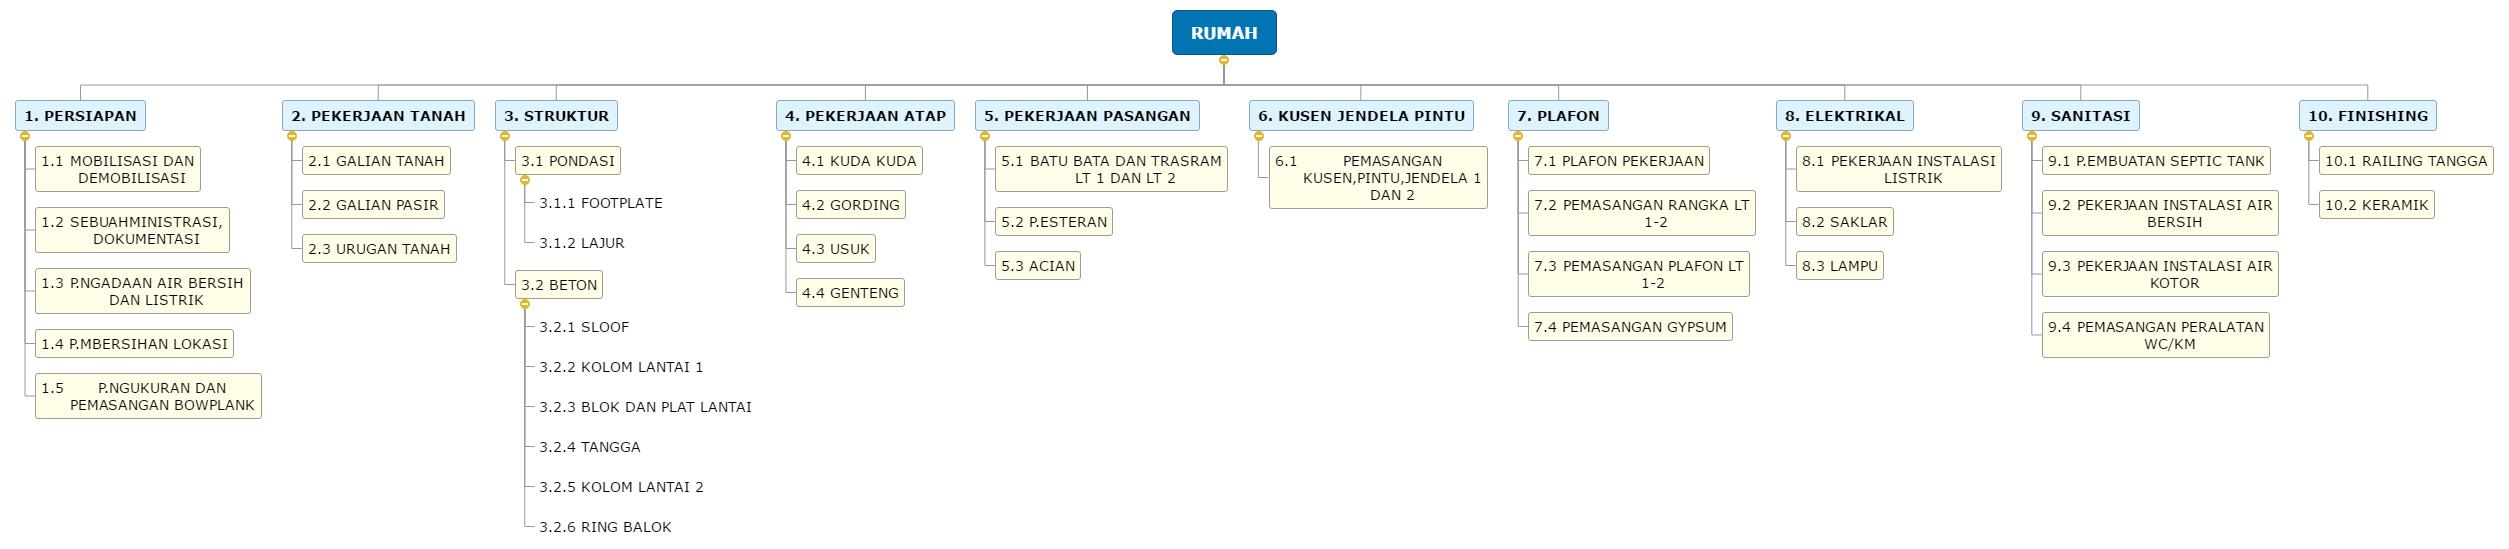 RUMAH1 WBS